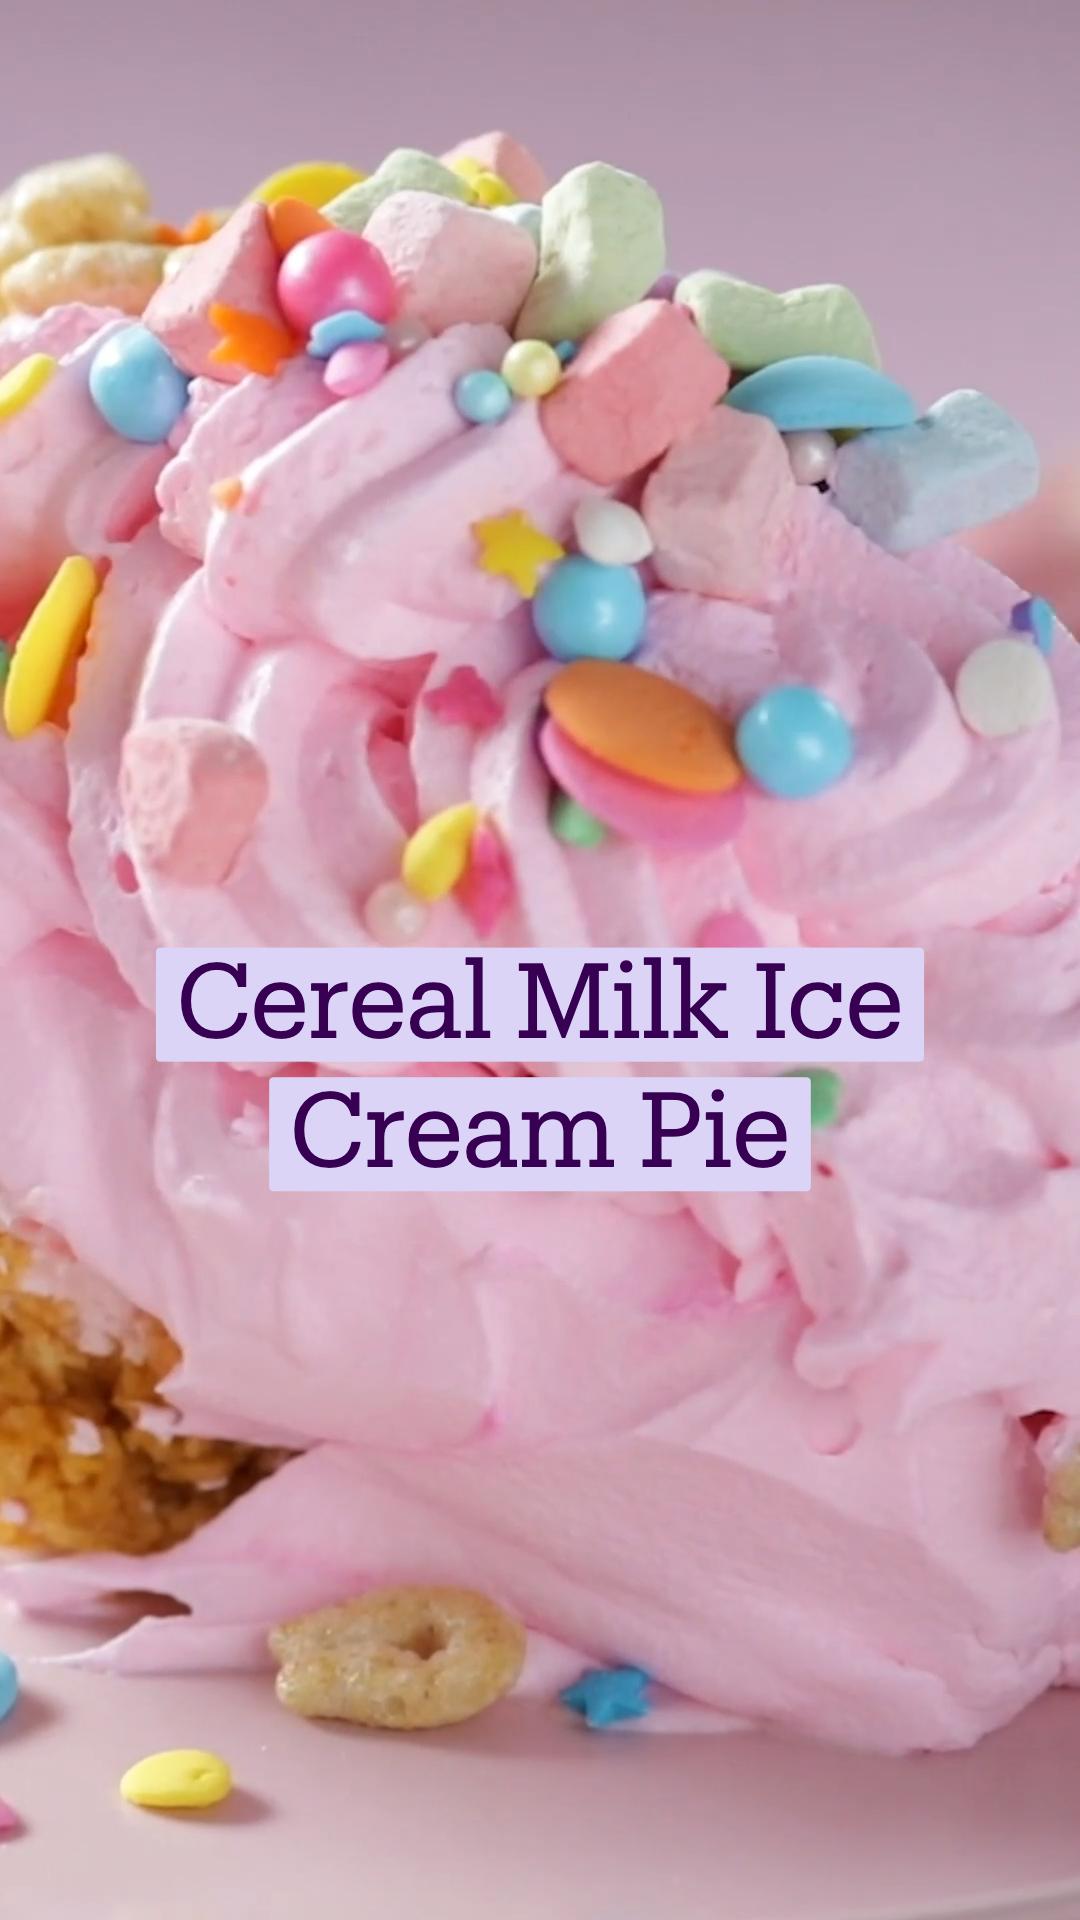 Cereal Milk Ice Cream Pie